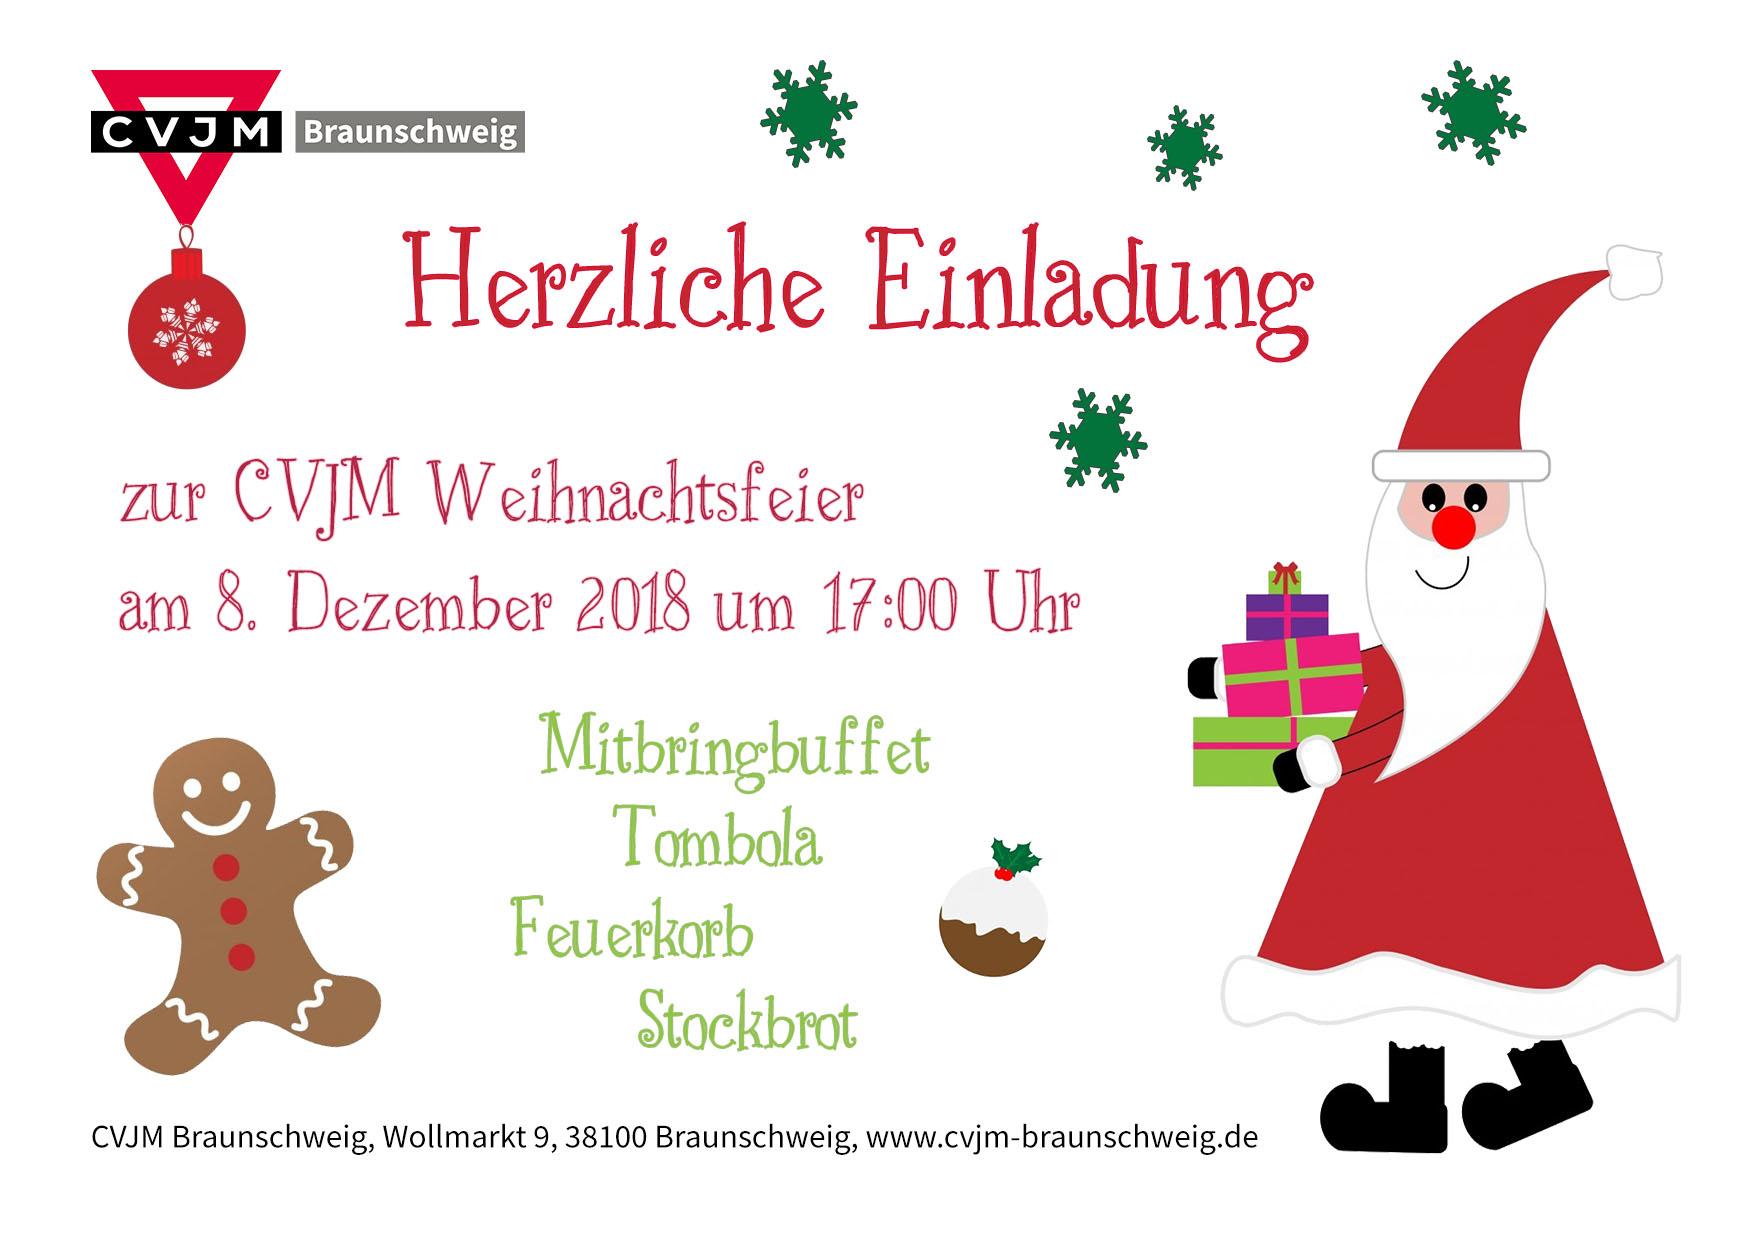 Weihnachtsfeier In Braunschweig.Weihnachtsfeier Cvjm Braunschweig E V